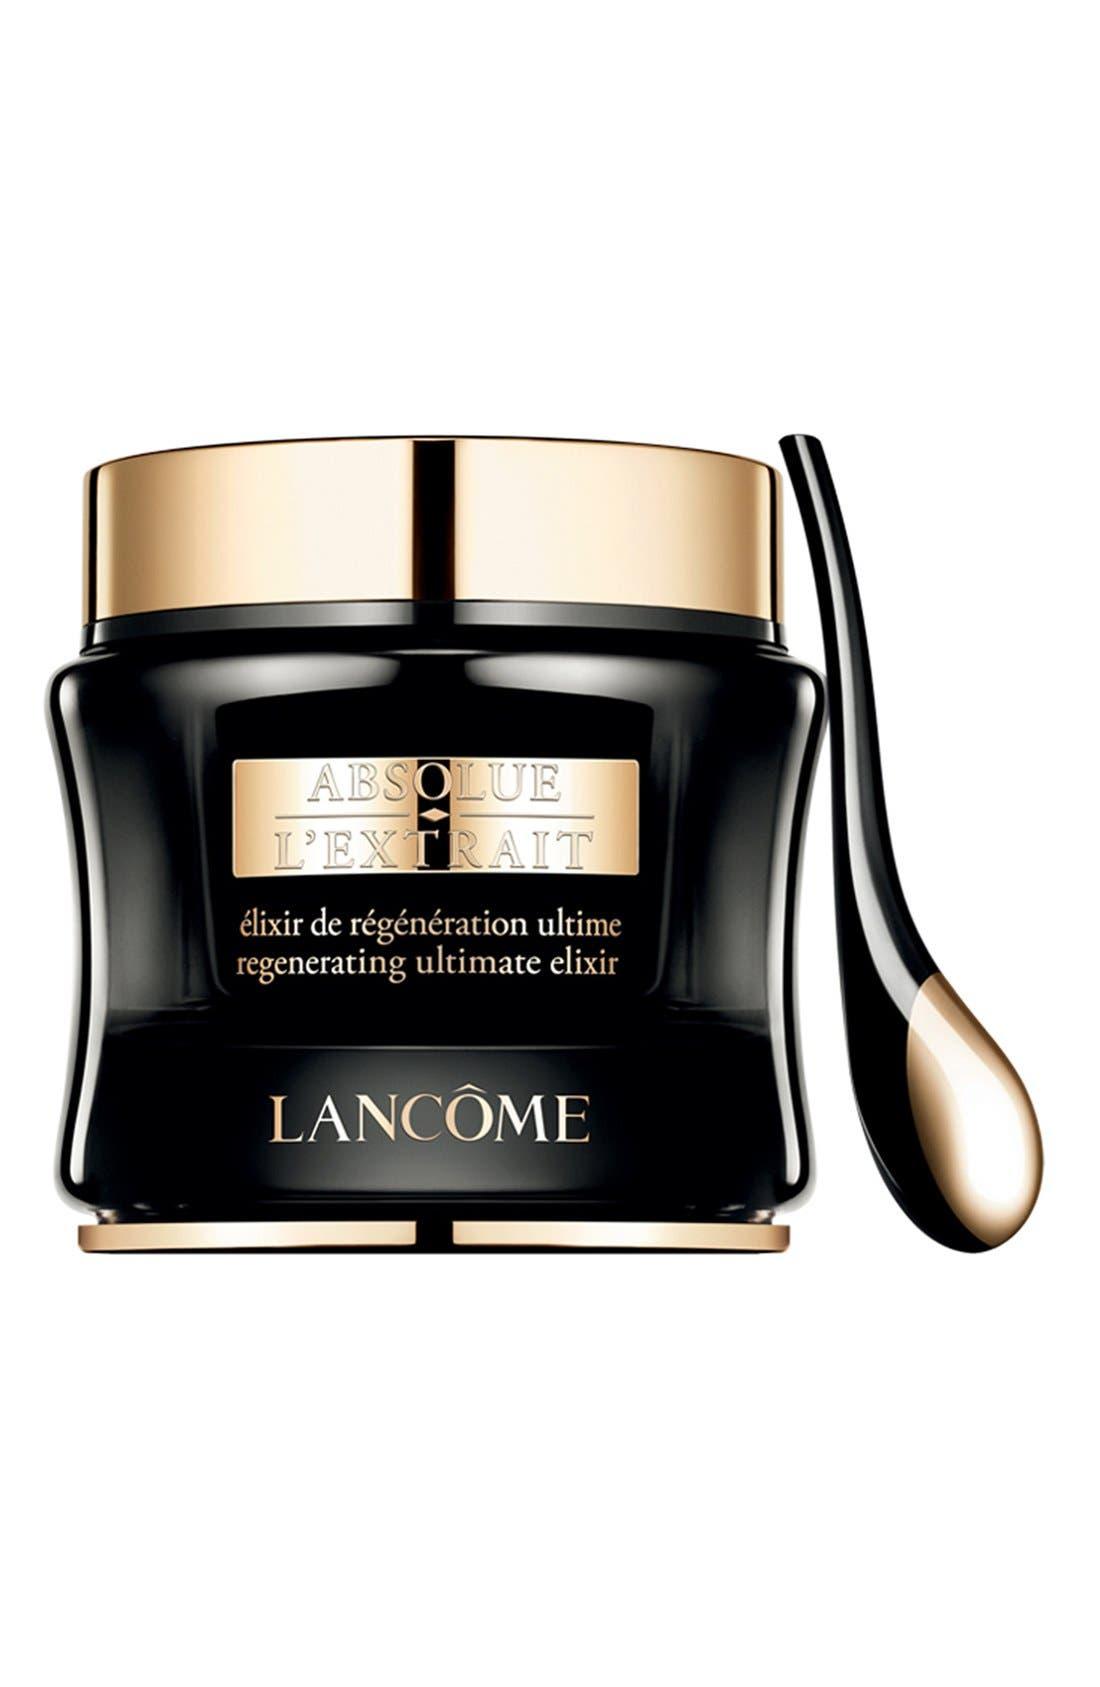 Lancome Absolue L'Extrait Ultimate Eye Contour Elixir